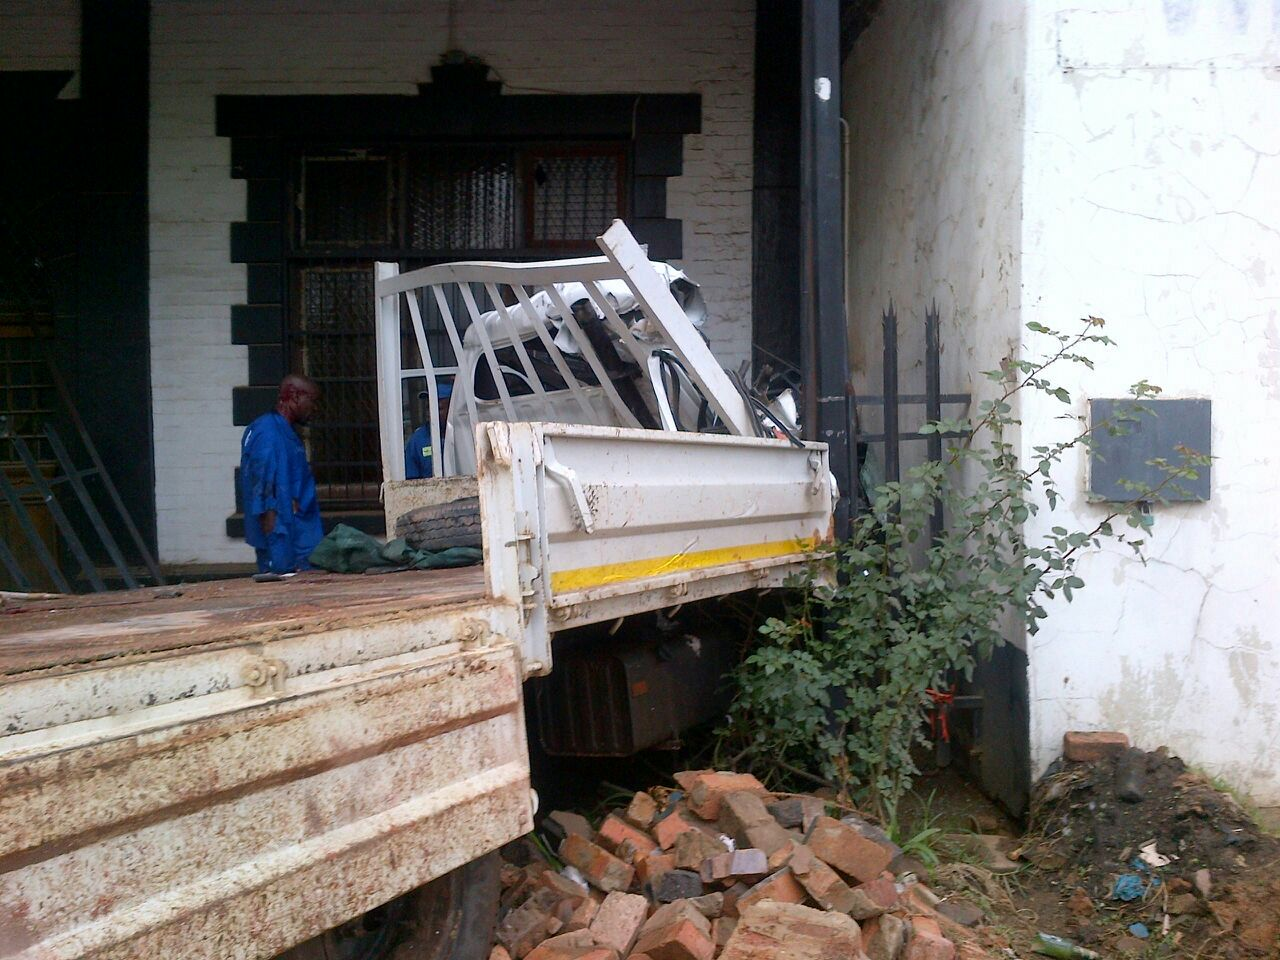 Rear-end collision on Main Reef Road in Boksburg leaves 8 injured